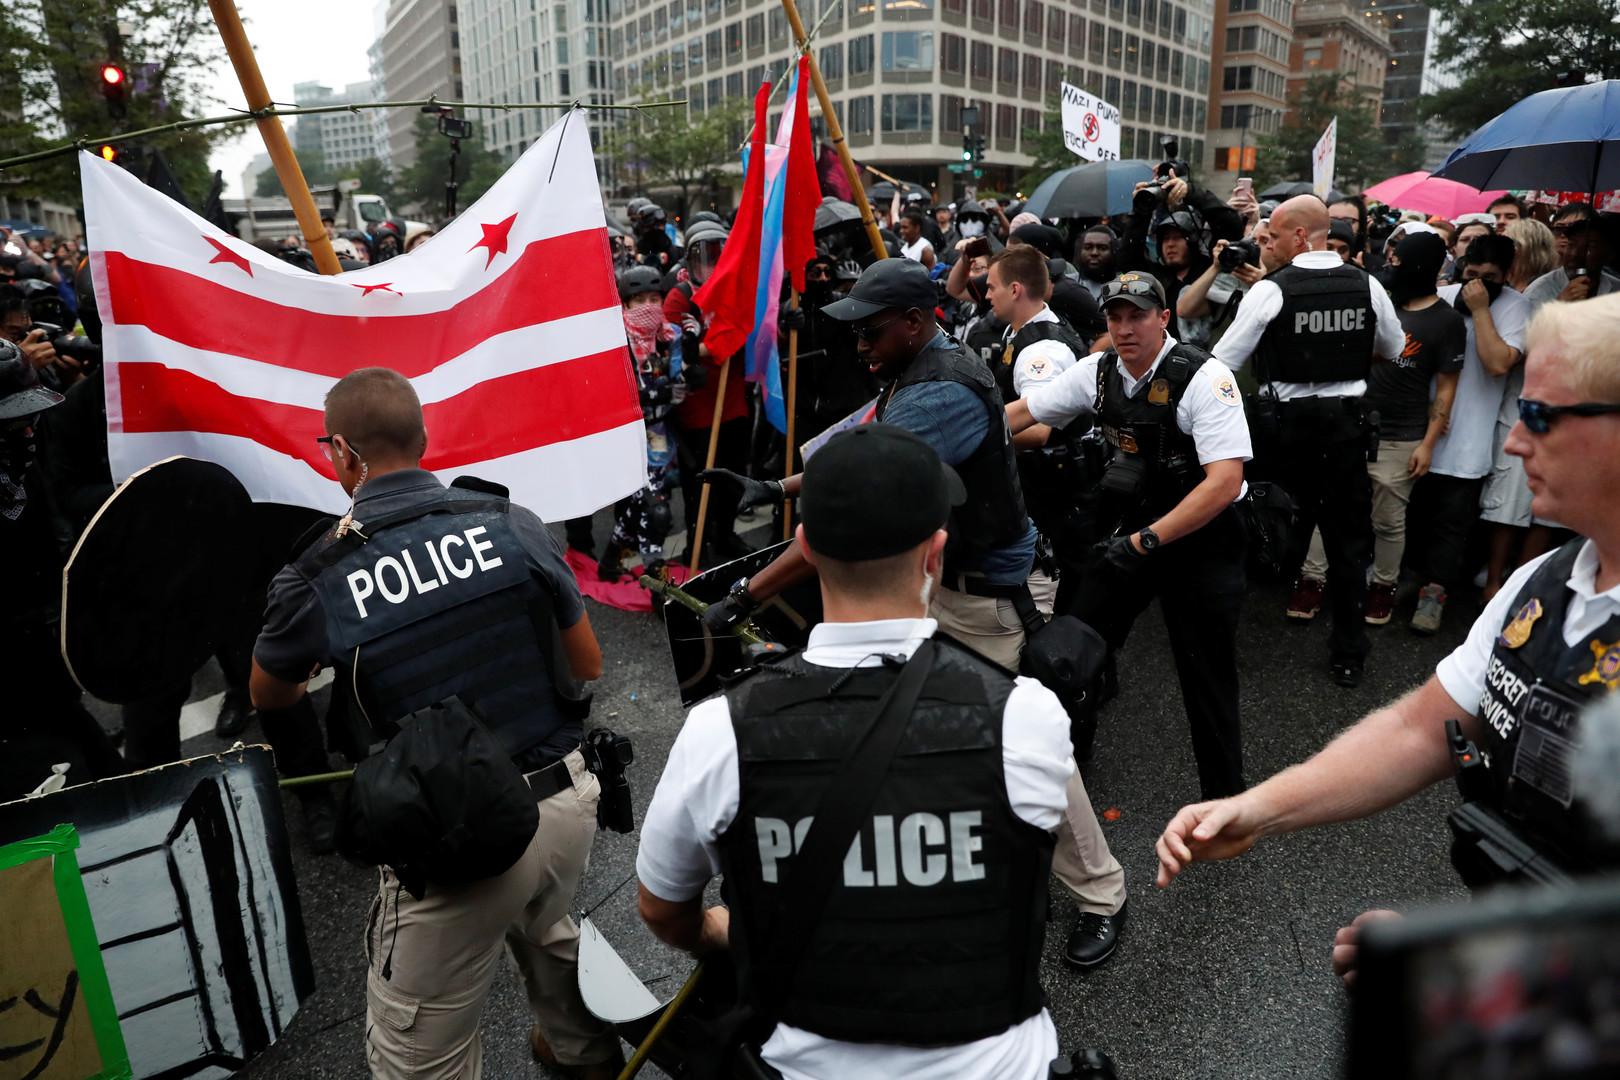 Polizisten versuchen Demonstranten davon abzuhalten mit den Nationalisten zusammenzustoßen. In Charlottesville war es 2017 zu blutigen Auseinandersetzungen zwischen den verschiedenen Lagern gekommen. Die Polizei hatte versäumt die Demonstranten und die Gegendemonstranten voneinander fernzuhalten.